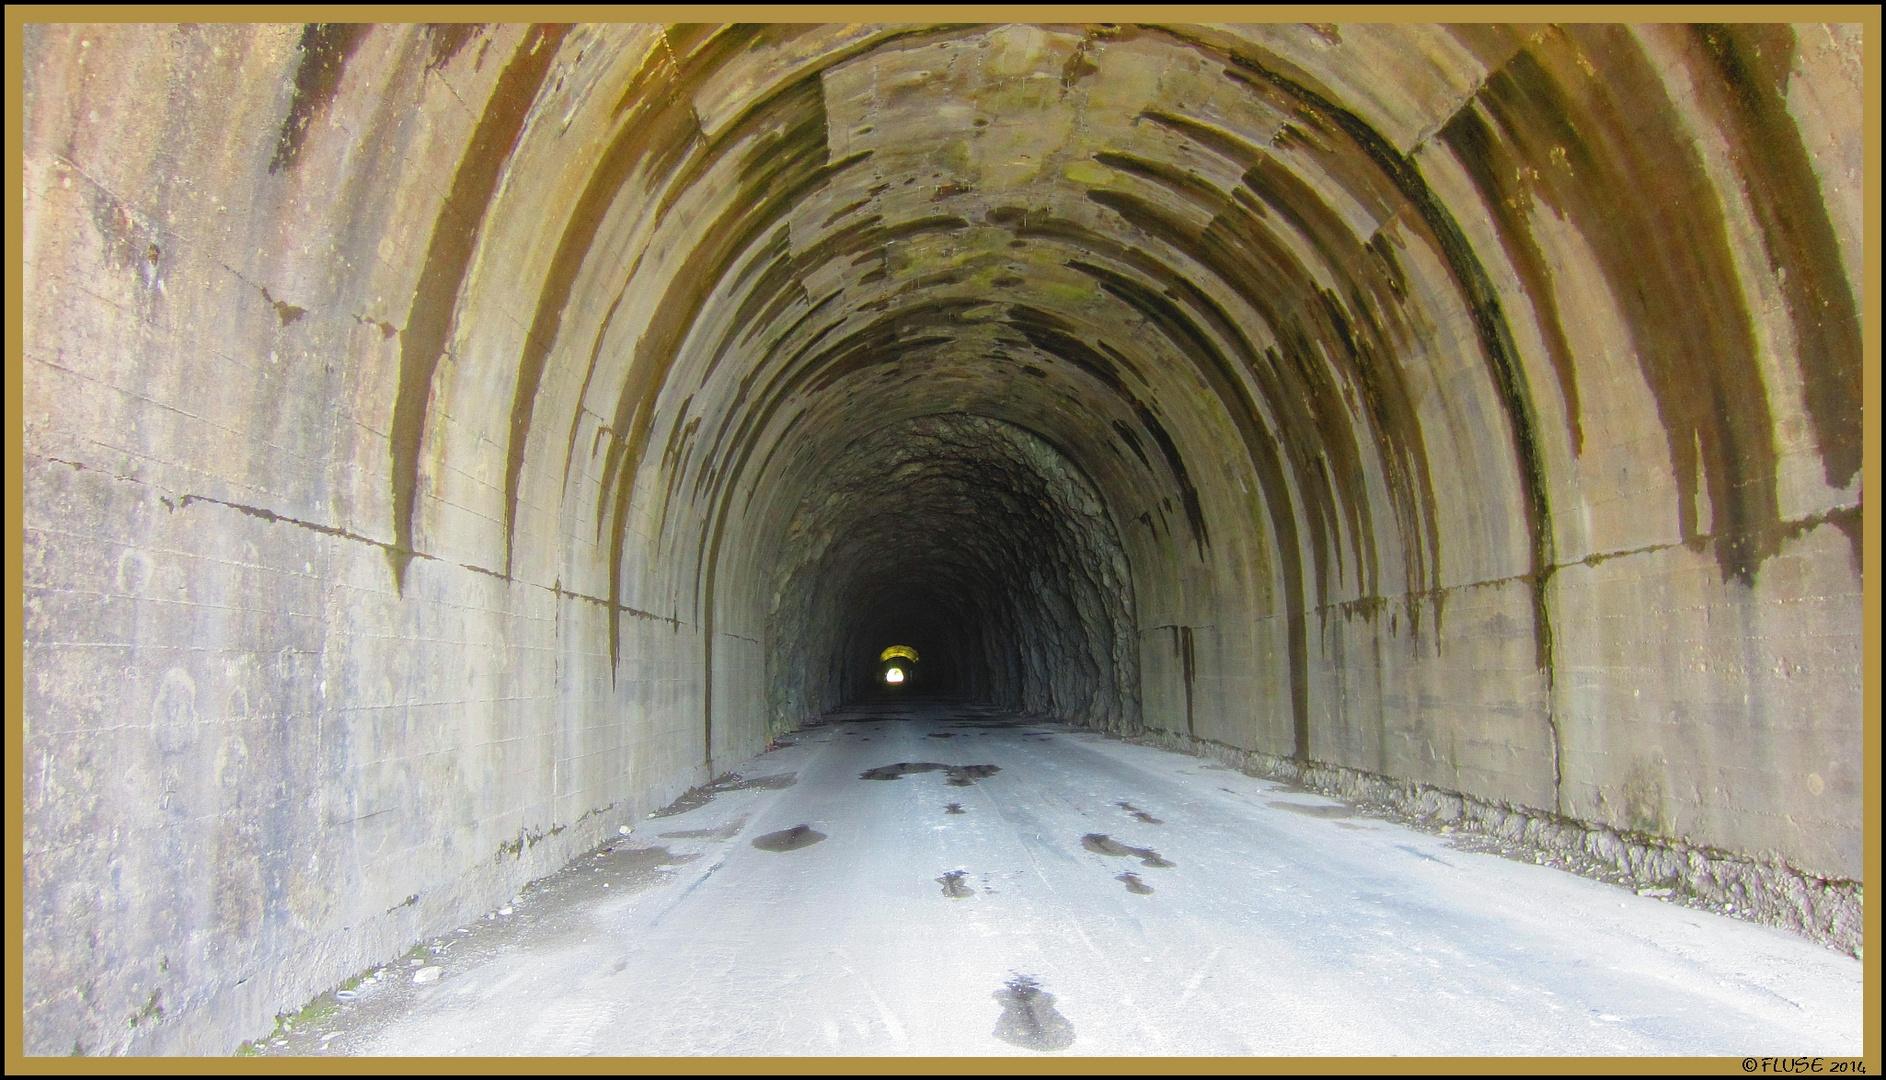 Licht am Ende des Tunnels (zur Garfagnana)